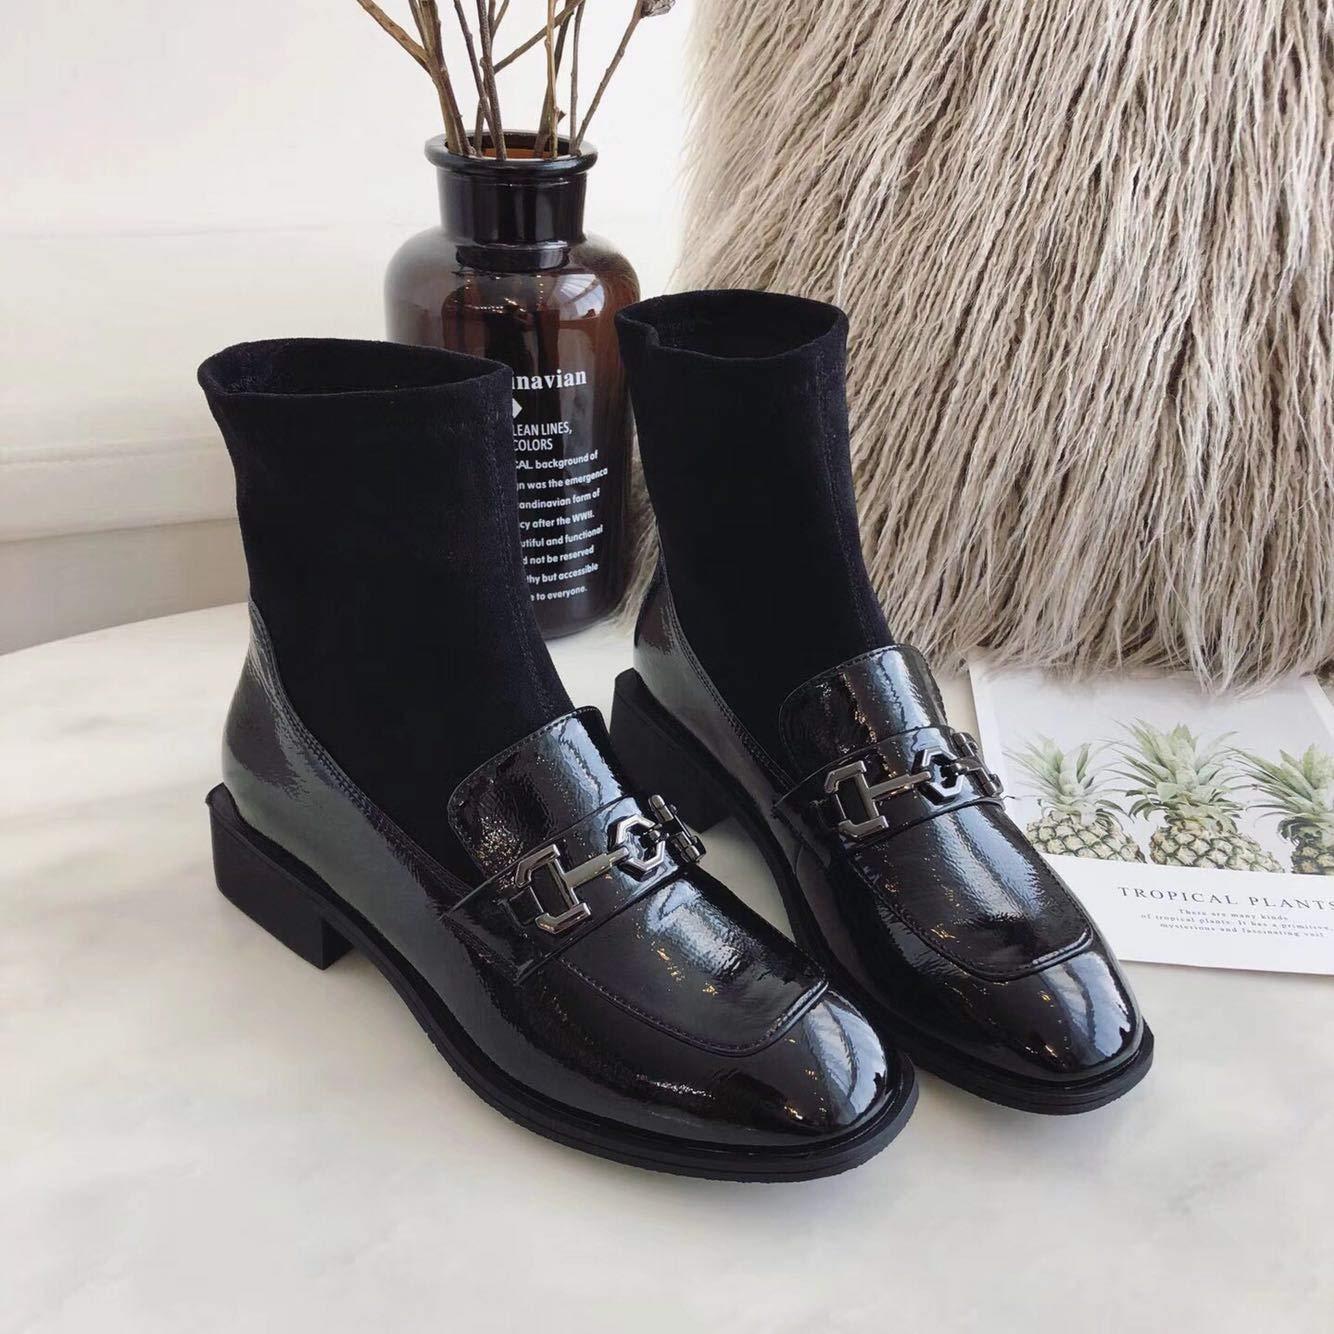 Shukun Stiefeletten Herbst und Winter Frauen Stiefelies Platz mit Metallschnalle Retro elastische Schuhe Mode Wild Martin Stiefel